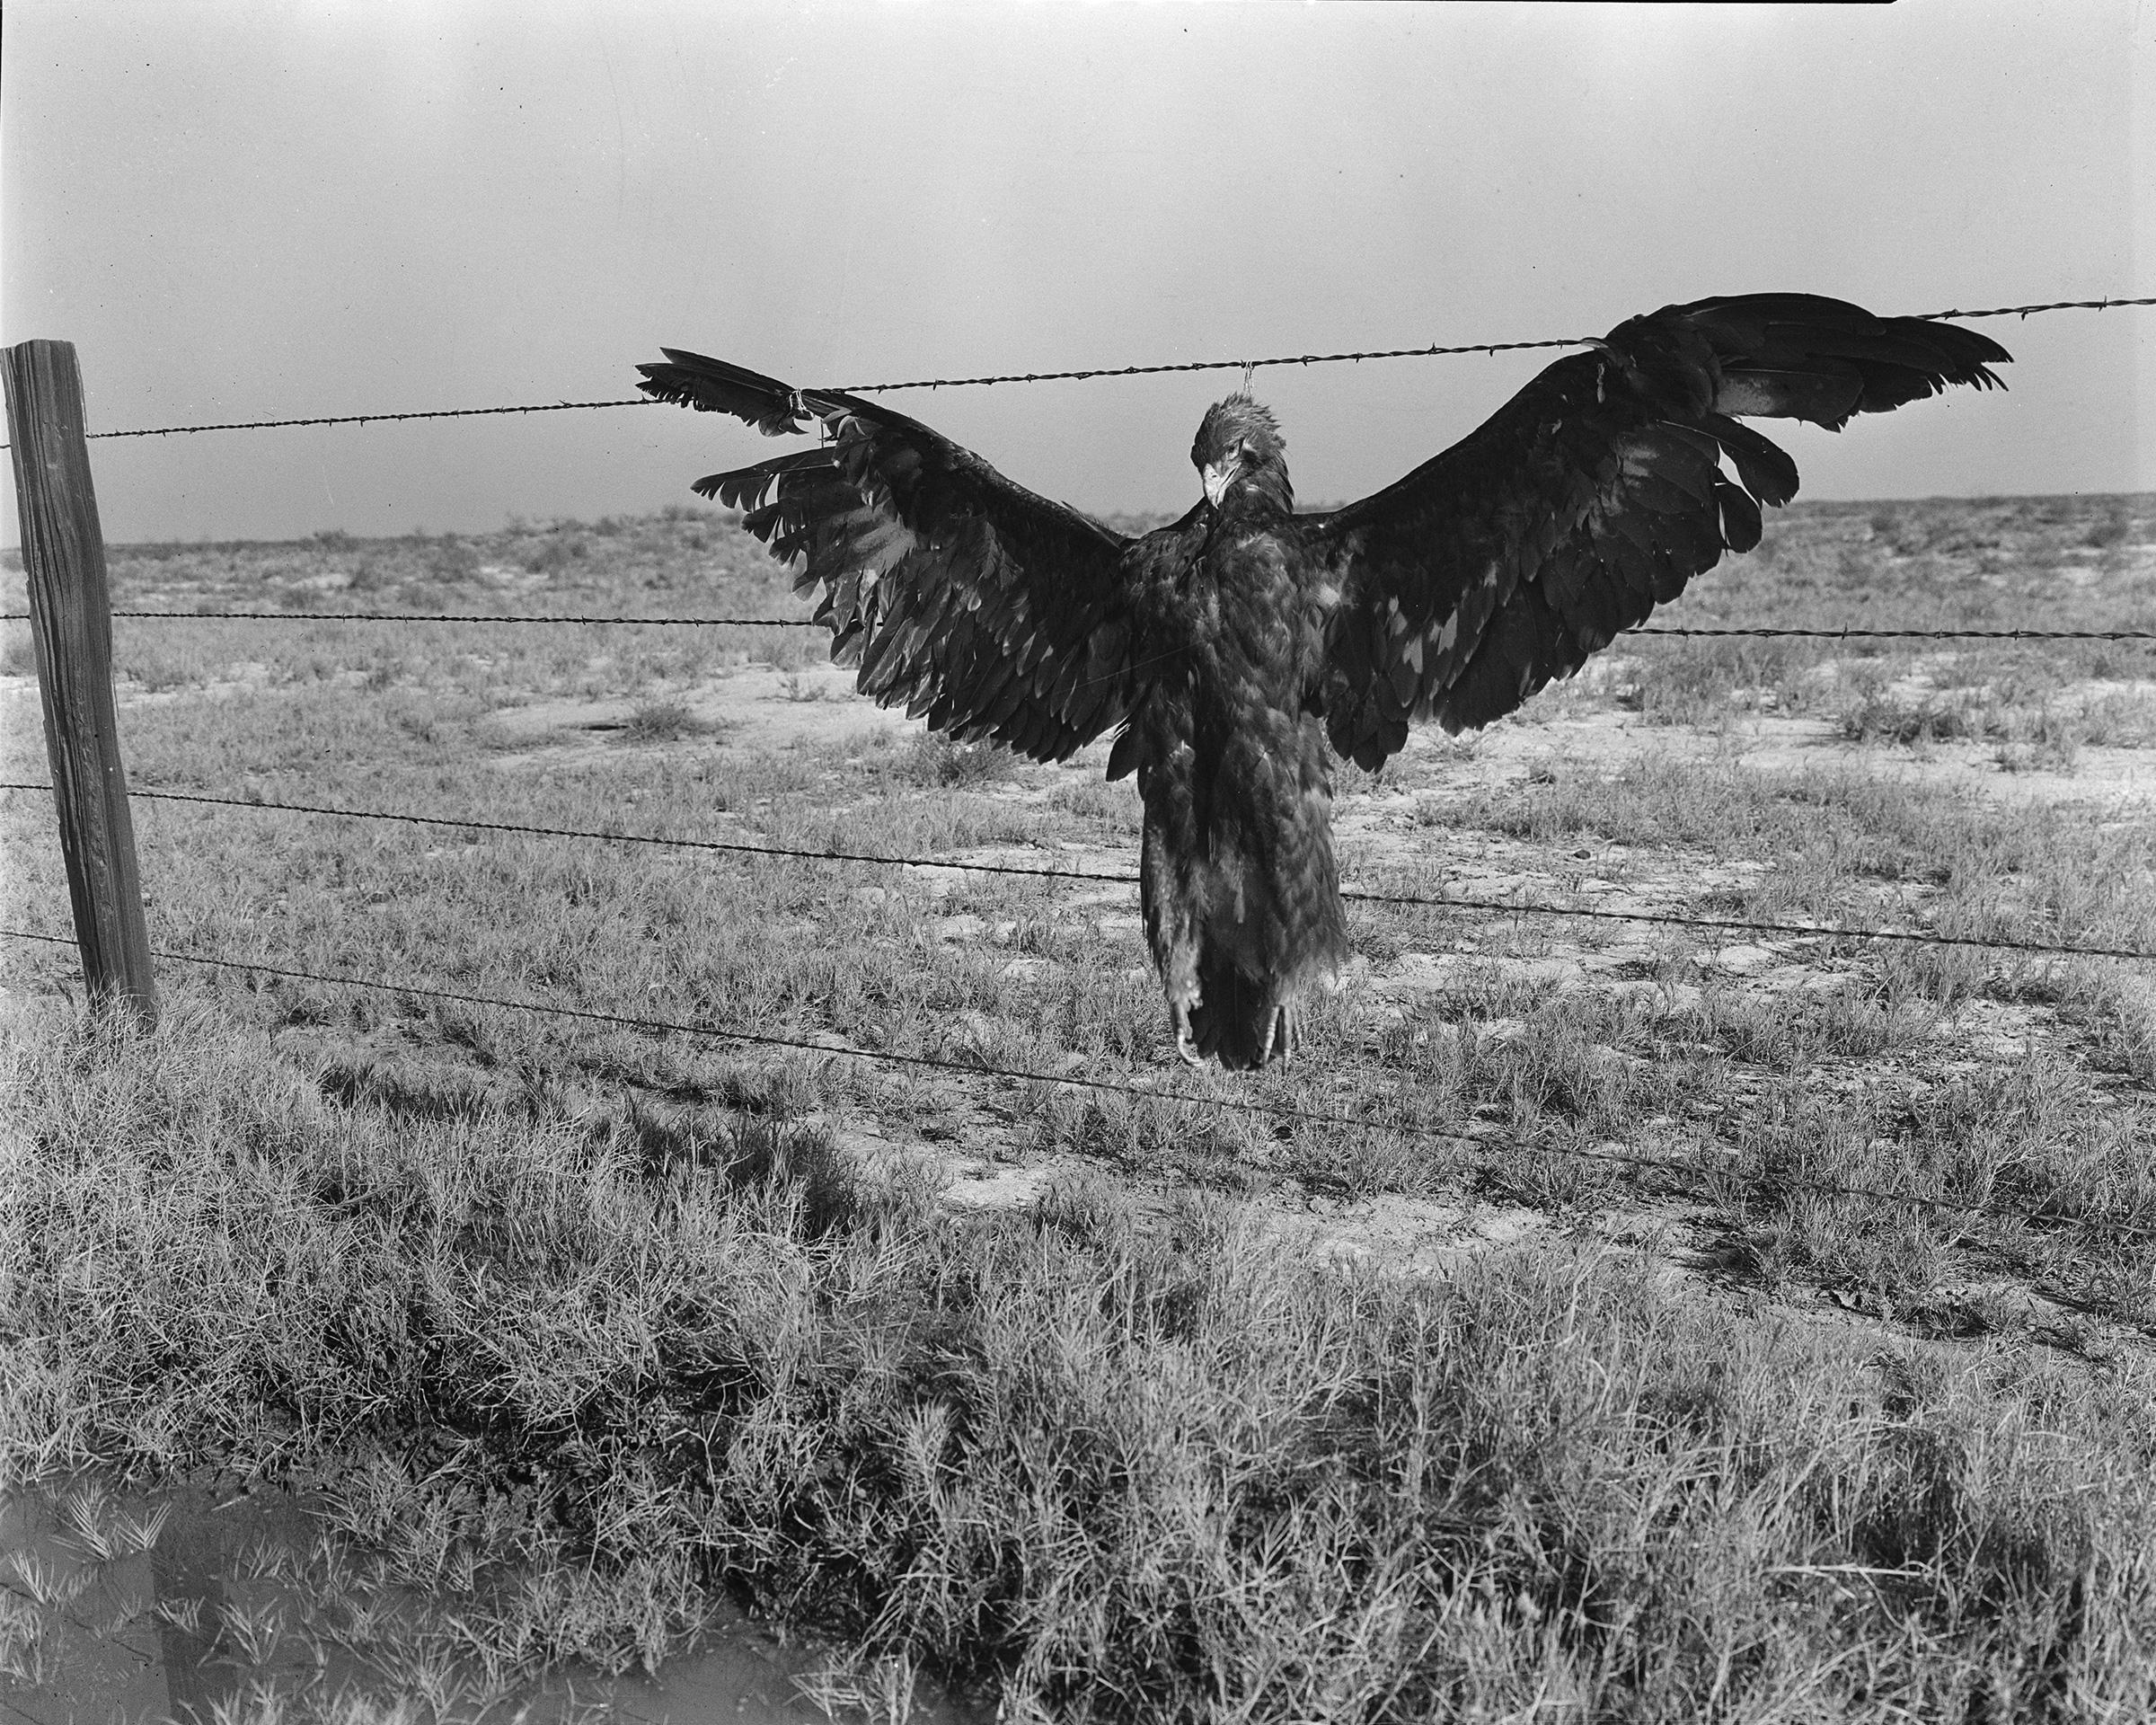 A very blue eagle. Along California highway, Nov. 1936.